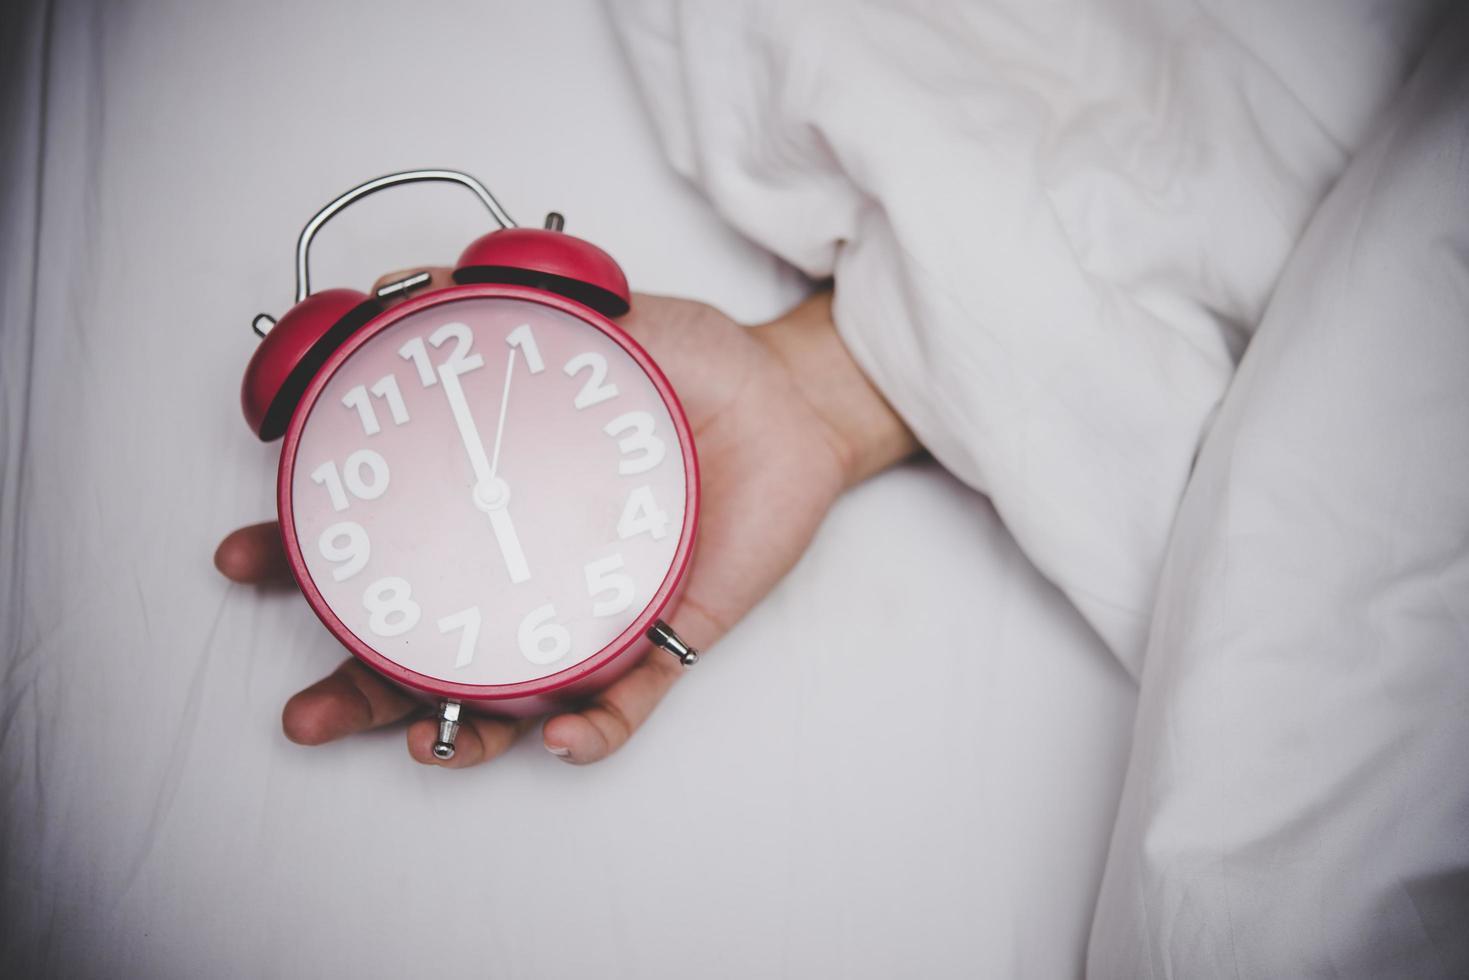 Manecilla de ajustar el despertador a las 6 en punto. foto